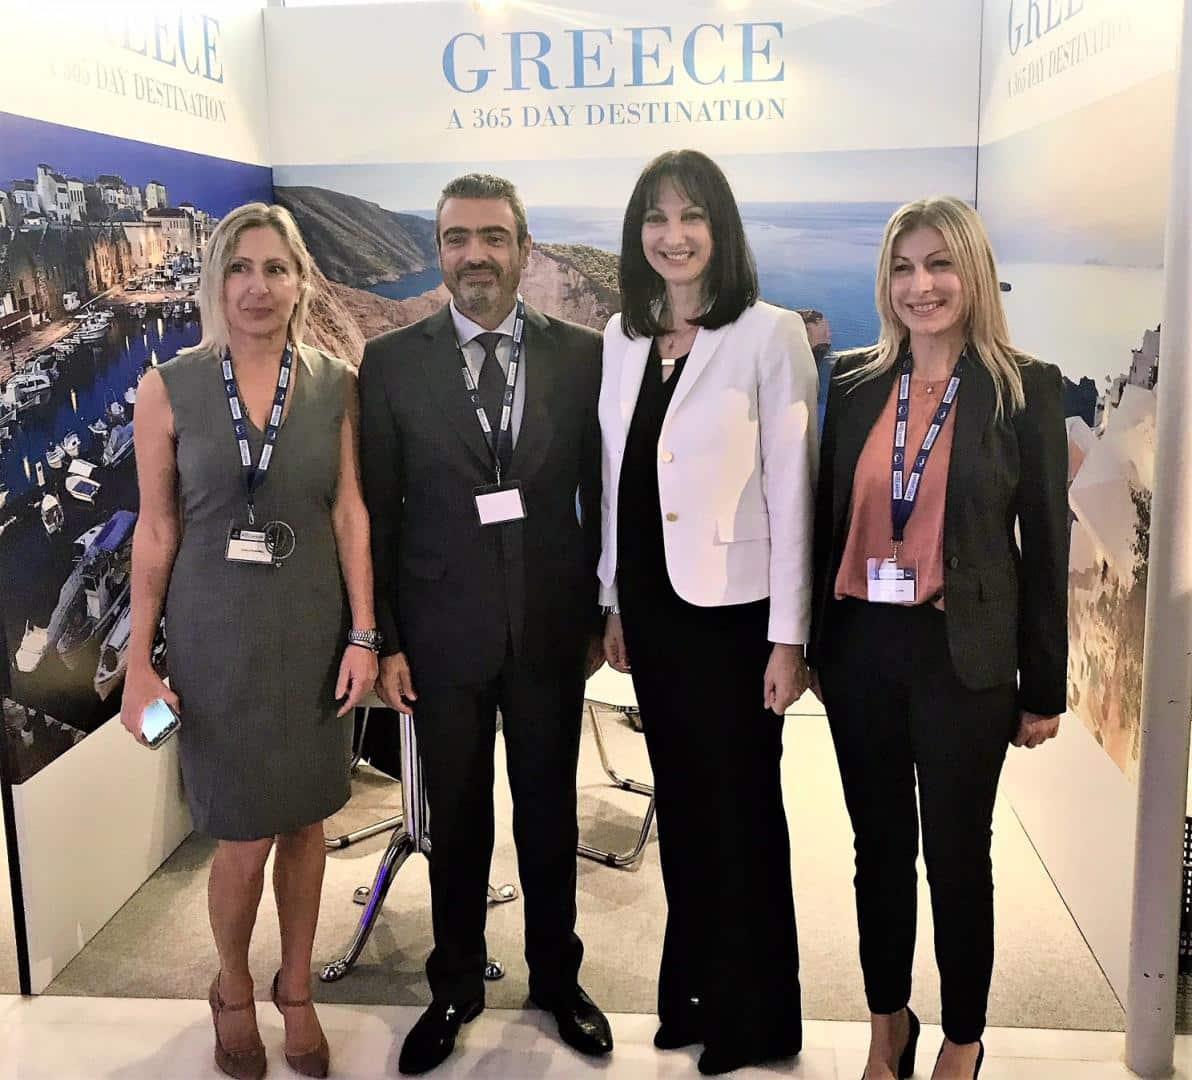 Αποτέλεσμα εικόνας για Στρατηγική επιλογή η επέκταση του δικτύου μαρινών, η προσέλκυση επενδύσεων και η ανάπτυξη του θαλάσσιου τουρισμού - Ομιλία της Υπουργού Τουρισμού Έλενας Κουντουρά στο παγκόσμιο συνέδριο ICOMIA 2018 στην Αθήνα